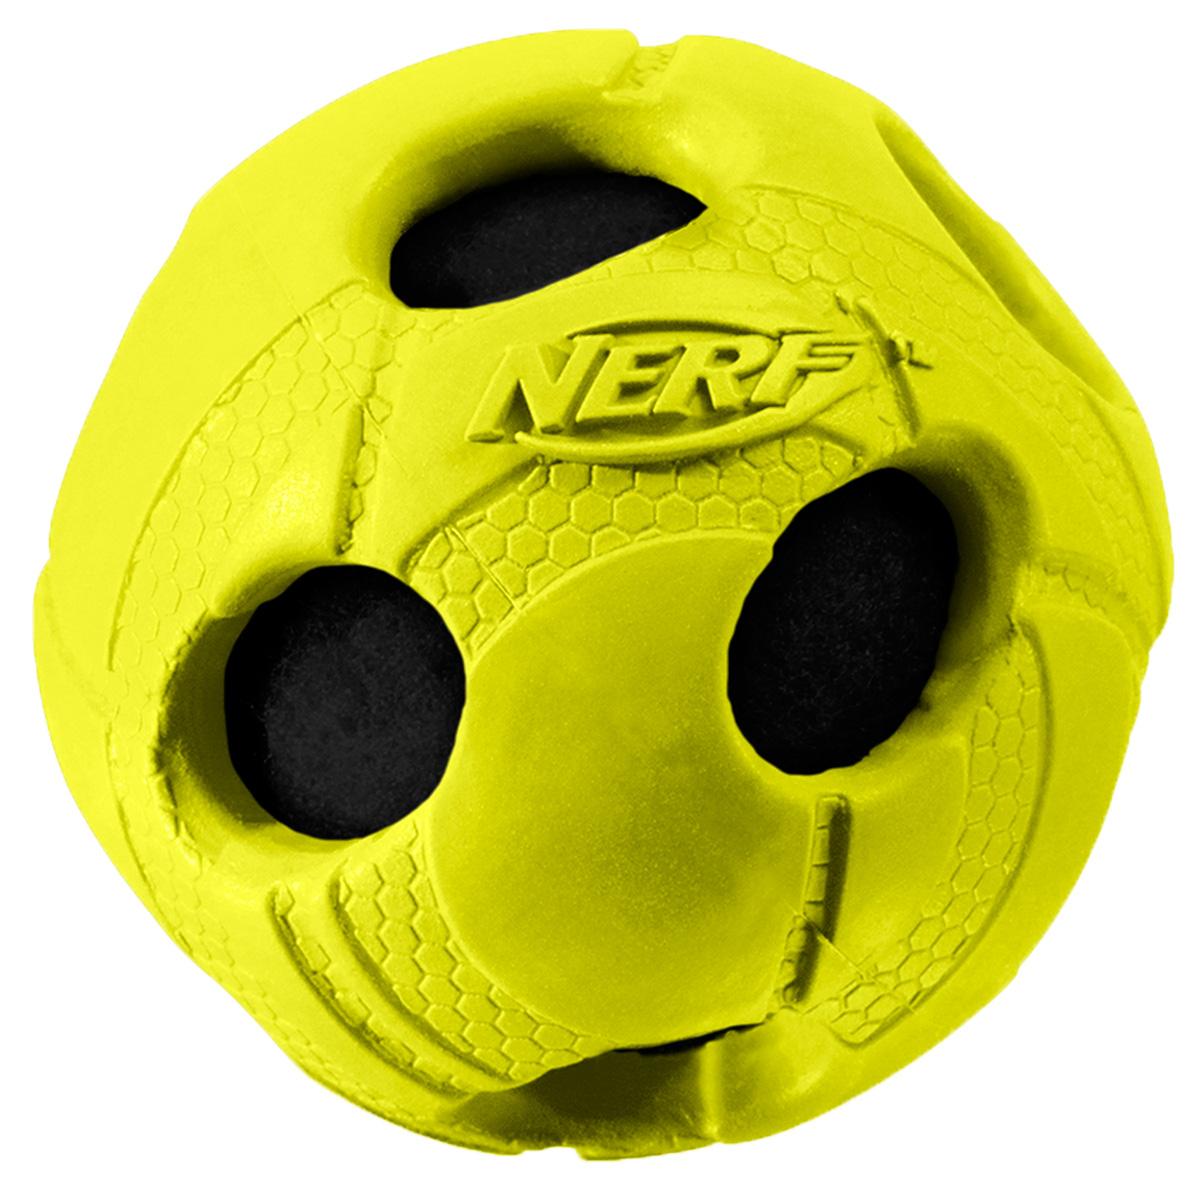 Игрушка для собак Nerf Мяч, с отверстиями, 6 см22279Мяч из прочной резины с теннисным мячем внутри! Высококачественные прочные материалы, из которых изготовлена игрушка, обеспечивают долговечность использования! Звук мяча дополнительно увлекает собаку игрой! Яркие привлекательные цвета! Рельефный рисунок! Игрушки Nerf Dog представлены в различных сериях в зависимости от рисунка, фактуры и материала, из которого они изготовлены (резина, ТПР, нейлон, пластик, каучук). Размер: 6 см, S.